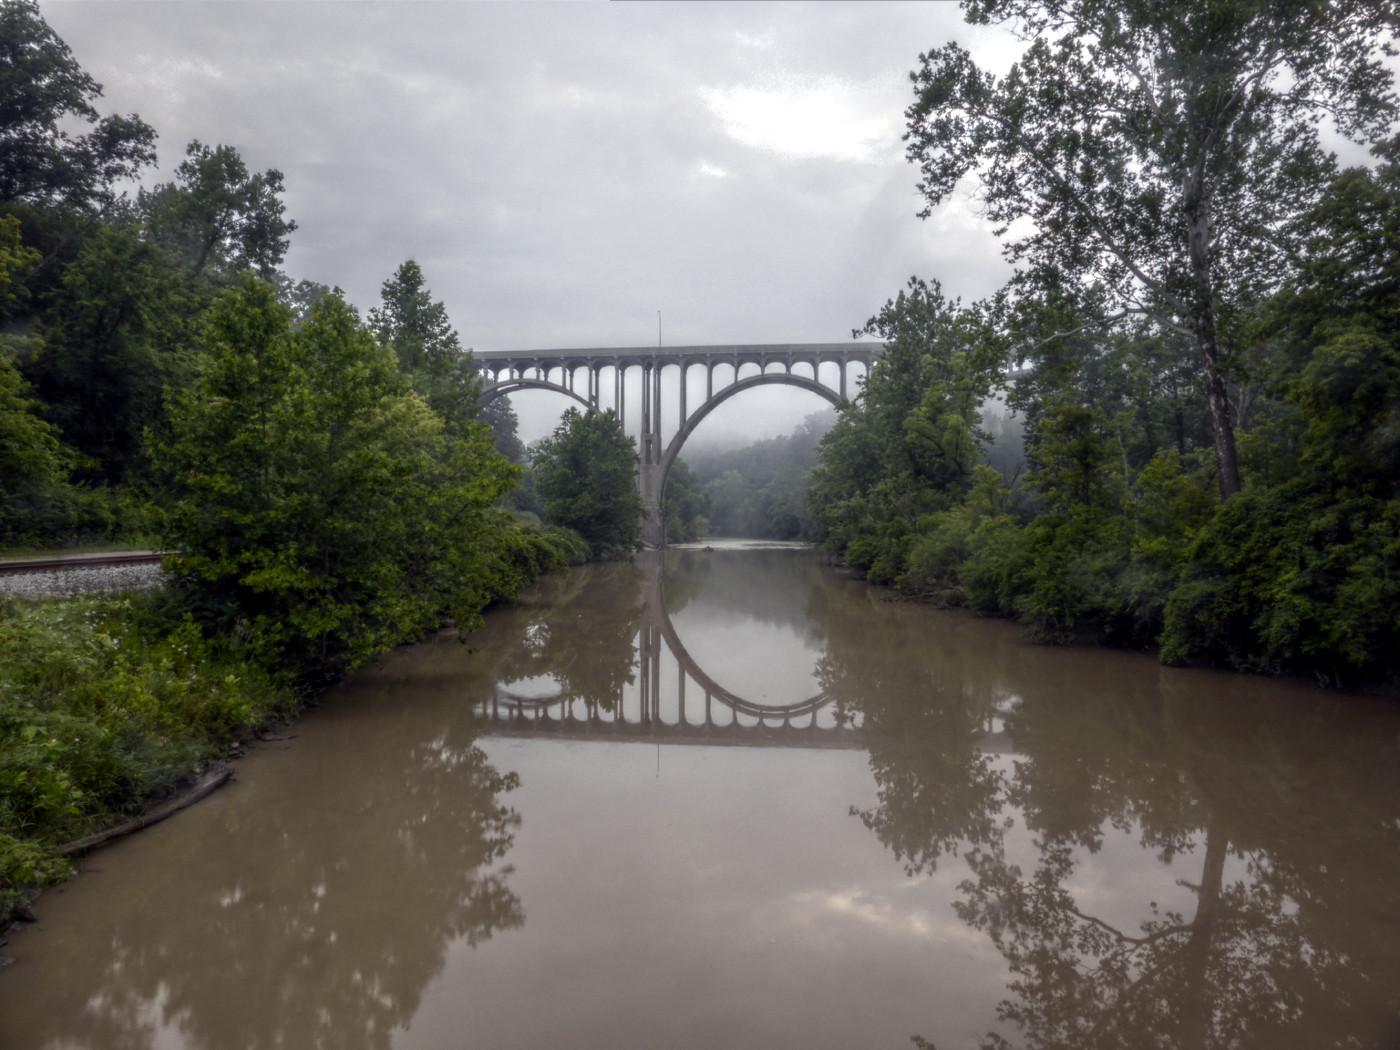 Brücke unter mir, Brücke vor mir, unten ein Sihl-ähnlicher Fluss